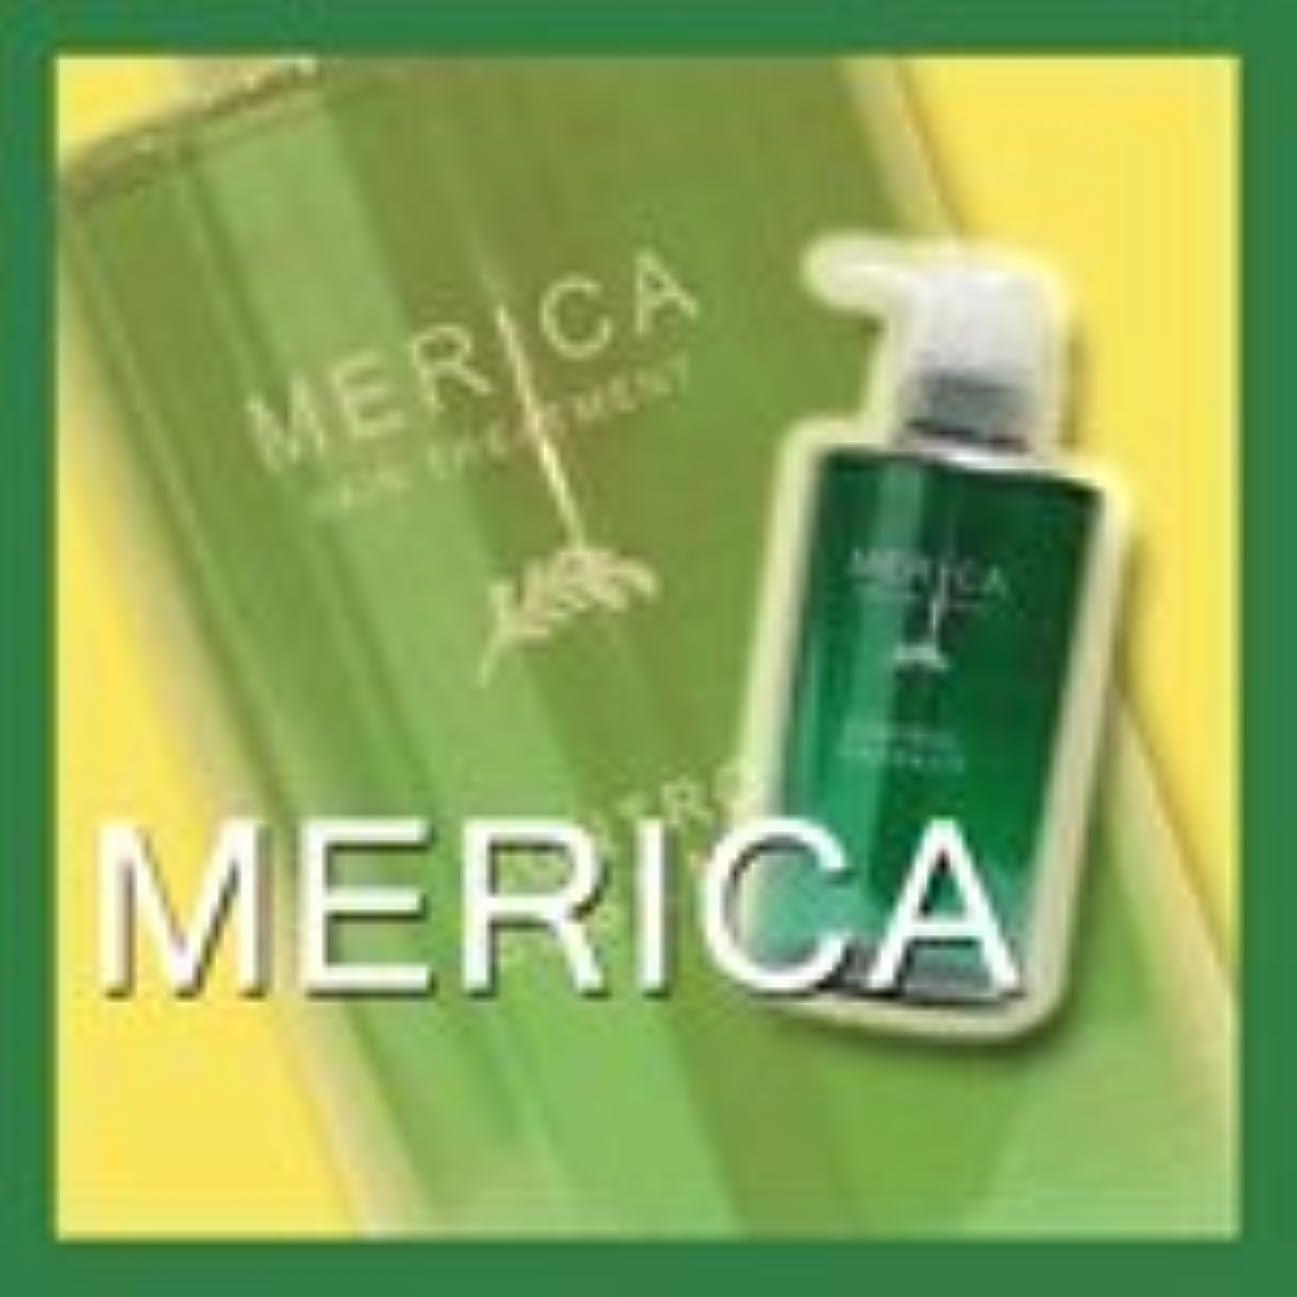 支配するレバー村MERICA メリカ スキントリートメントS 500ml 医薬部外品 【白い 化粧水】